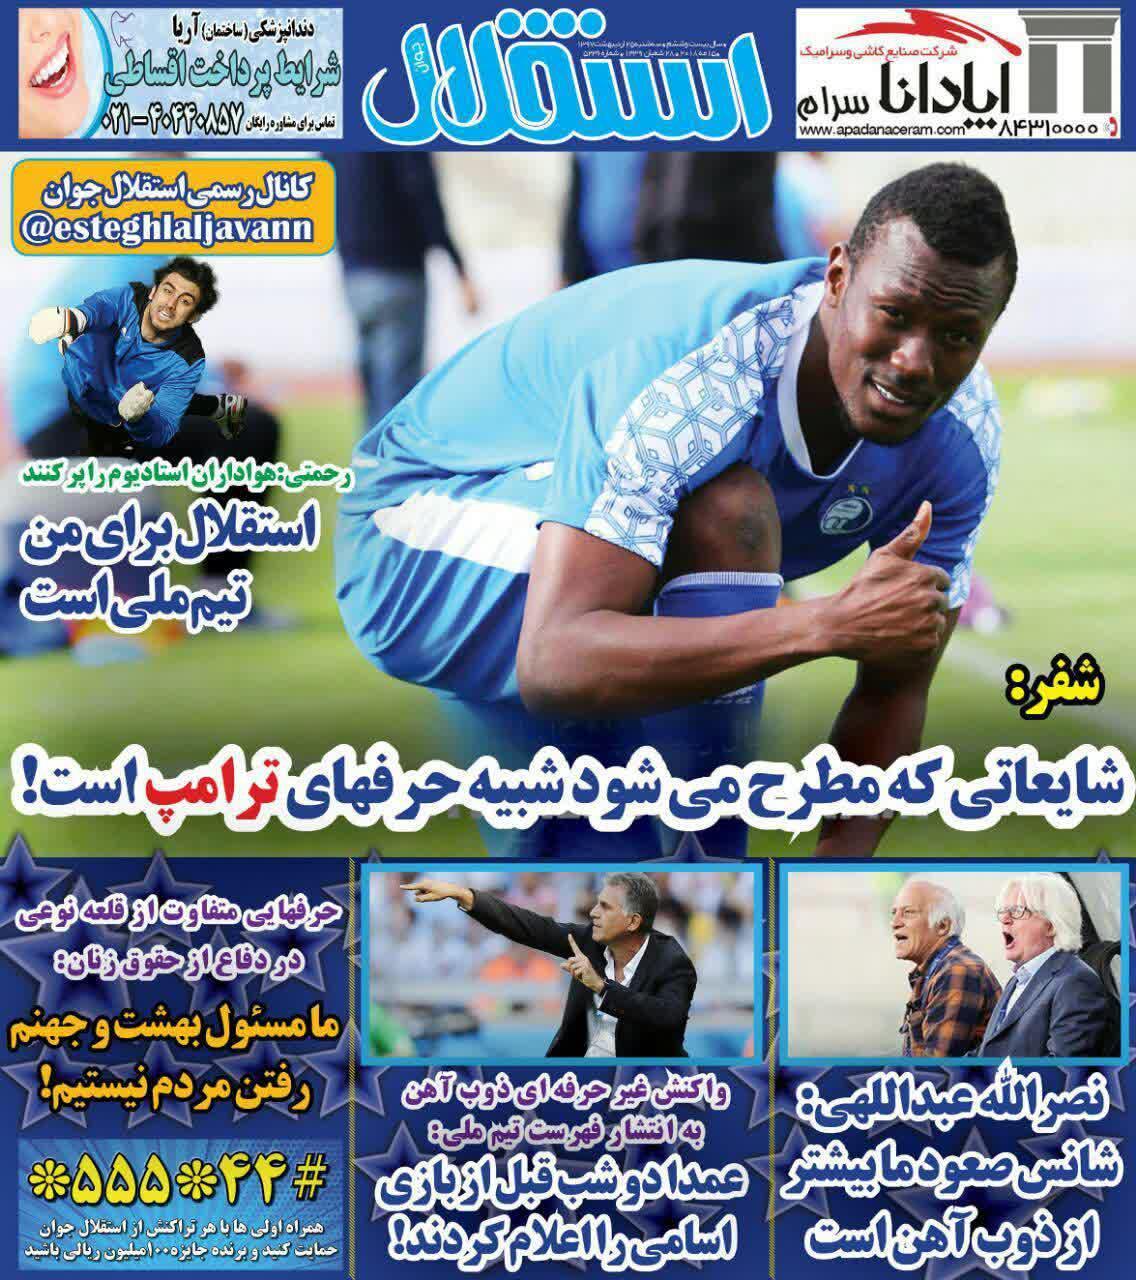 عناوین روزنامههای ورزشی ۲۵ اردیبهشت ۹۷/ کیروش به استقلال تکیه داد! +تصاویر